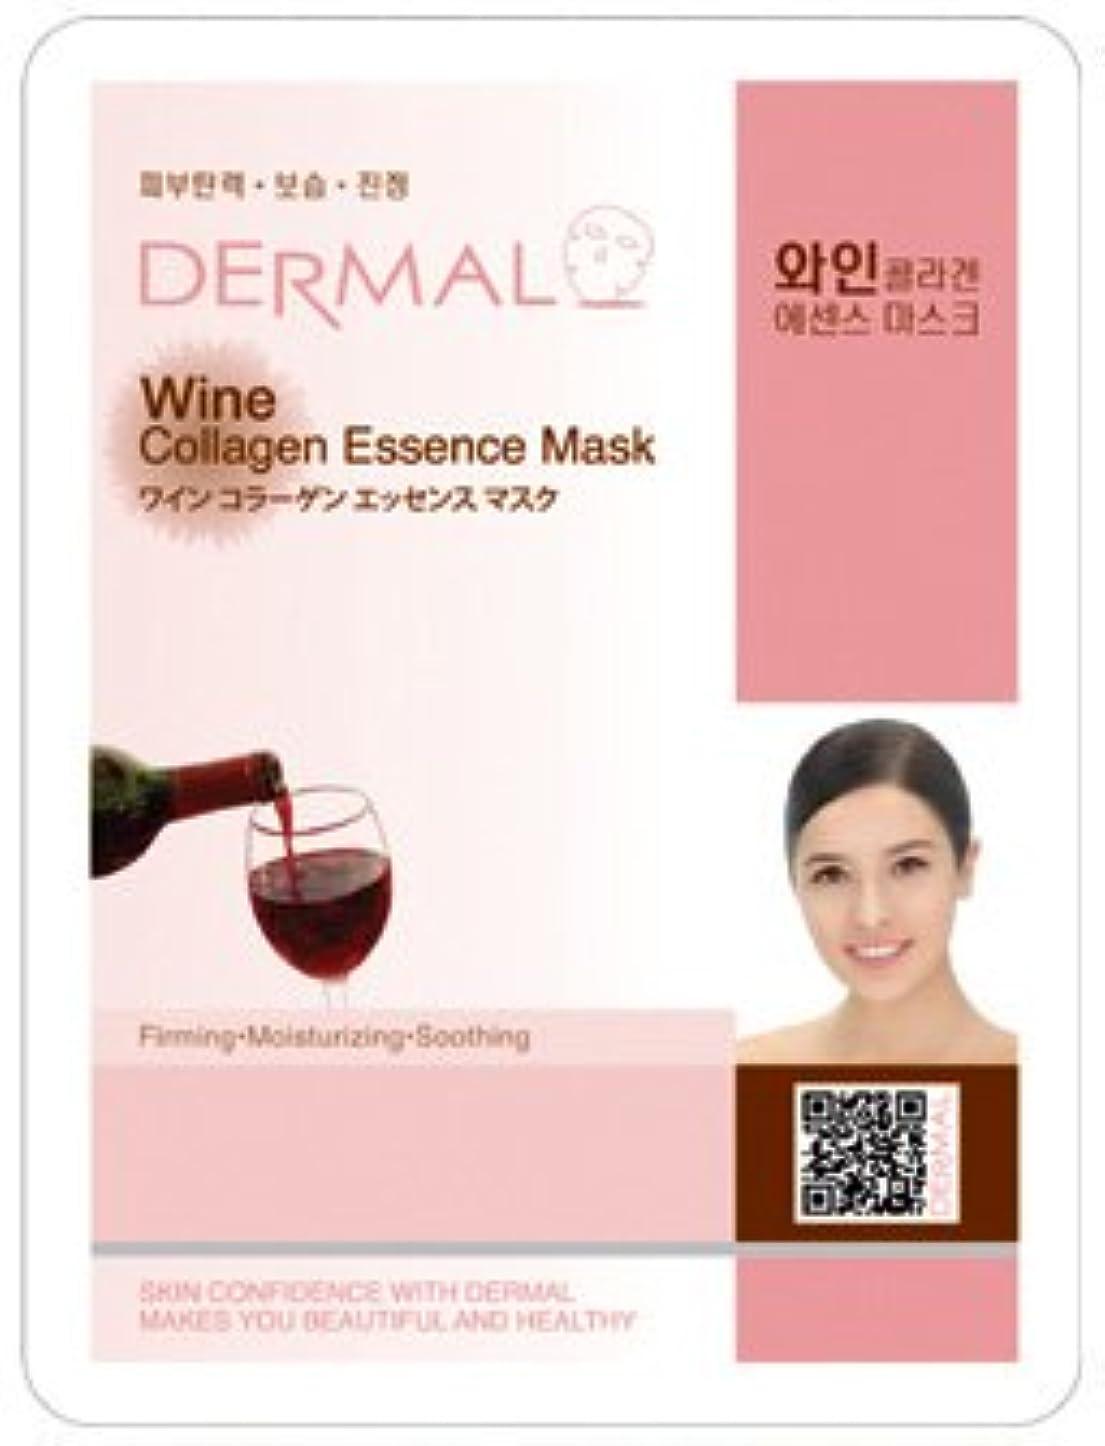 野生ウェイド窓シート マスク ワイン ダーマル Dermal 23g (10枚セット) フェイス パック